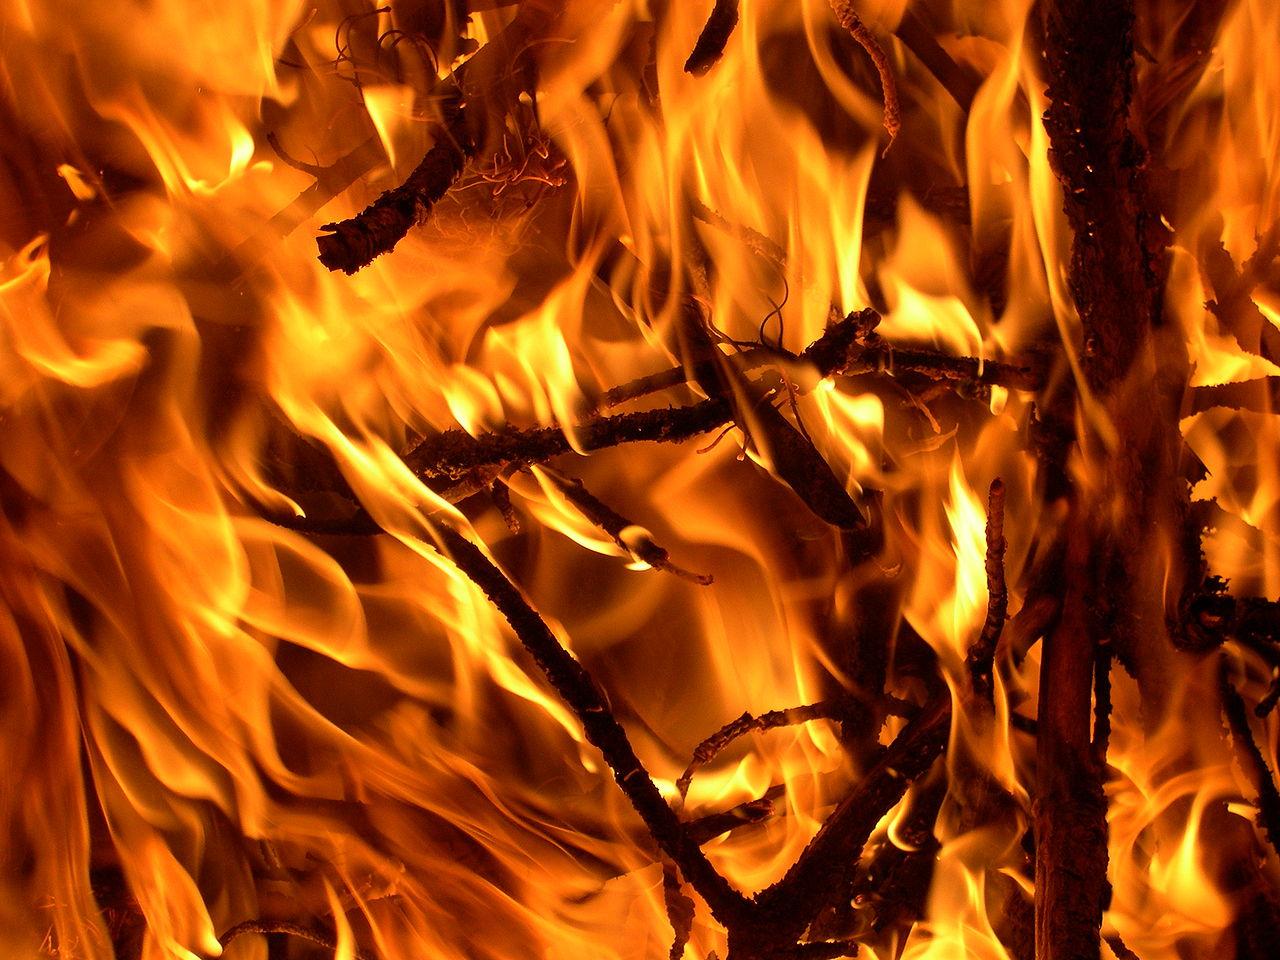 Vzhledem k tomu, že oheň po sobě nezanechá nic kromě uhlíků, jsou téměř všechny informace o využívání ohně v pravěku pouhými teoriemi.